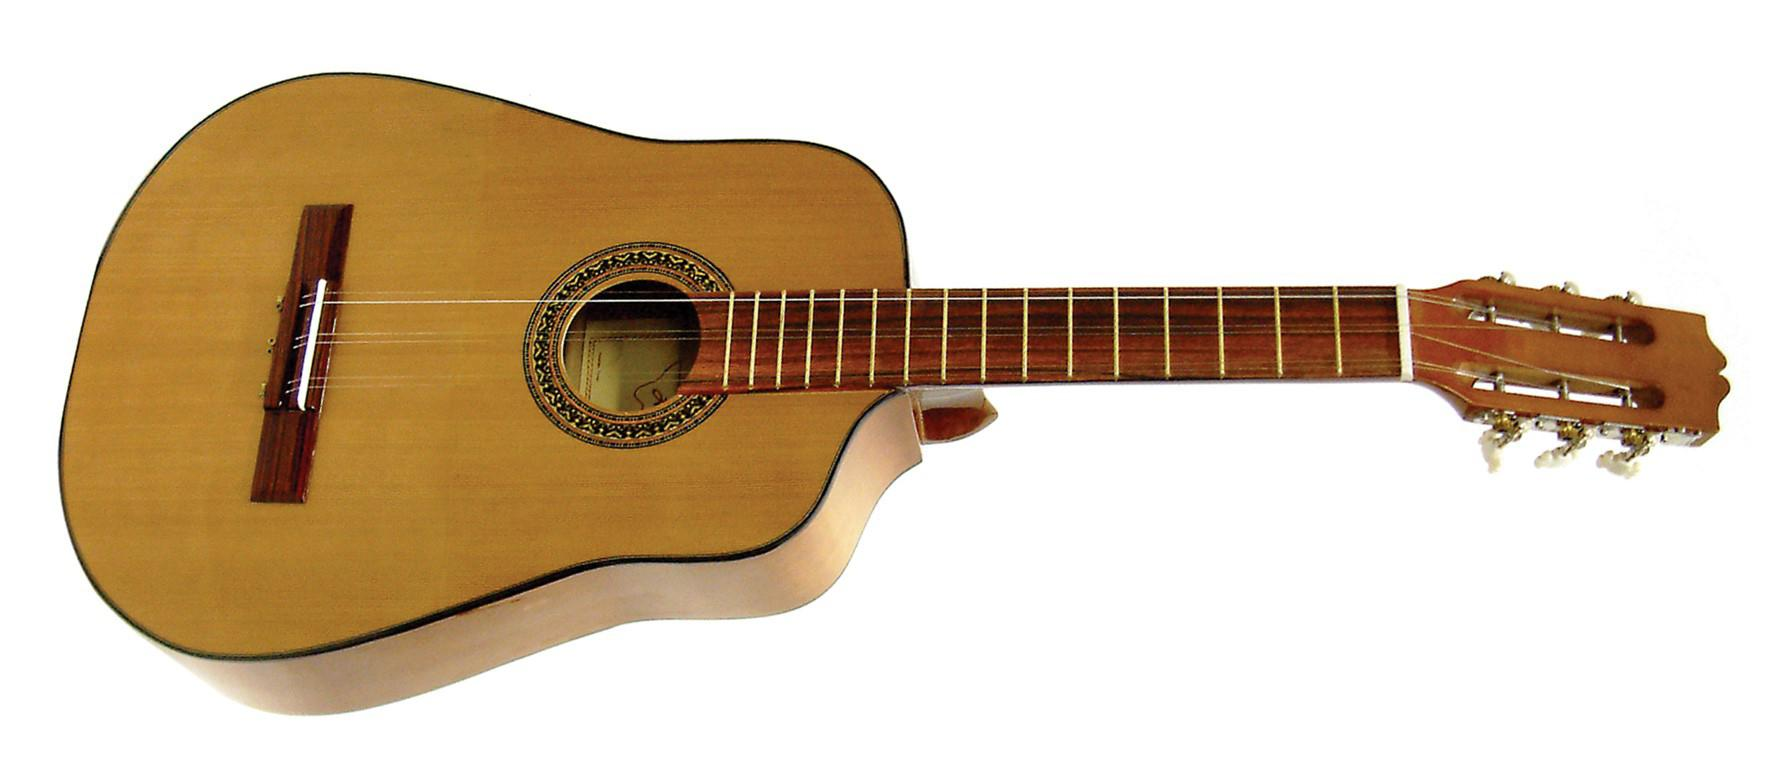 El tres, un instrumento similar a la guitarra característico de la cultura cubana.